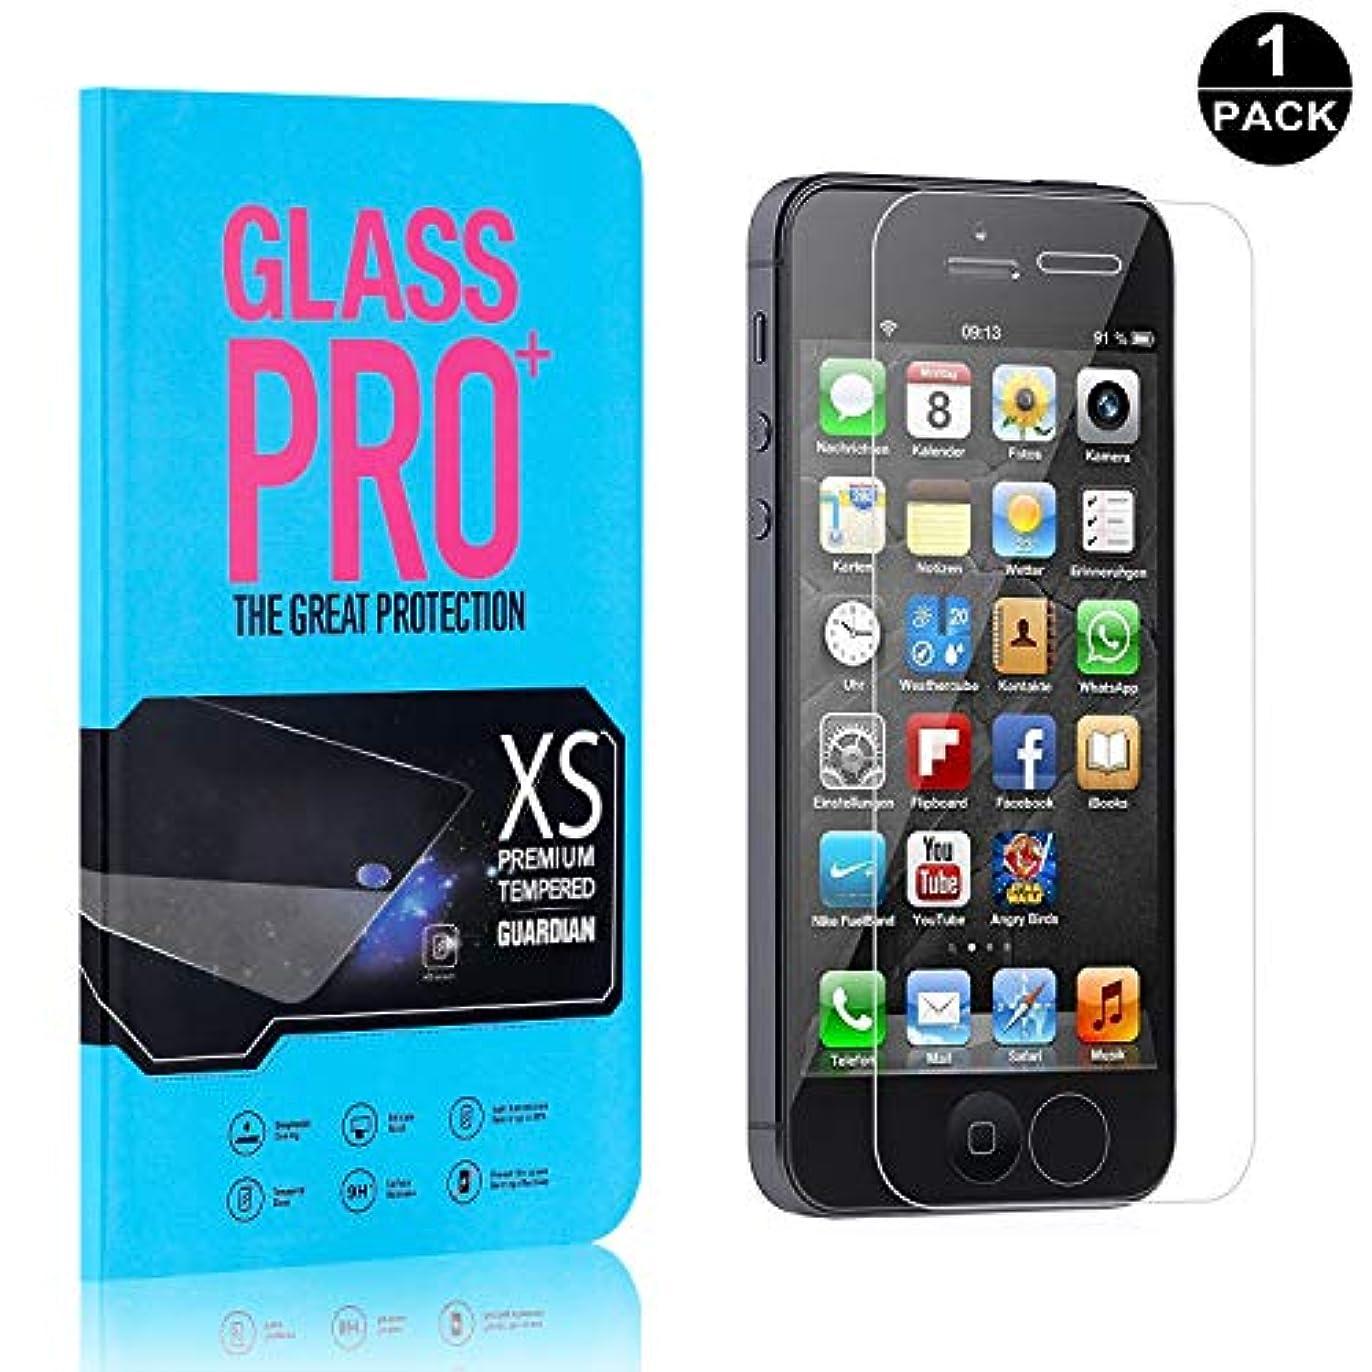 未来フックテレビを見る【1枚セット】 iPhone 5C 超薄 フィルム CUNUS Apple iPhone 5C 専用設計 強化ガラスフィルム 高透明度で 気泡防止 飛散防止 硬度9H 耐衝撃 超薄0.26mm 液晶保護フィルム